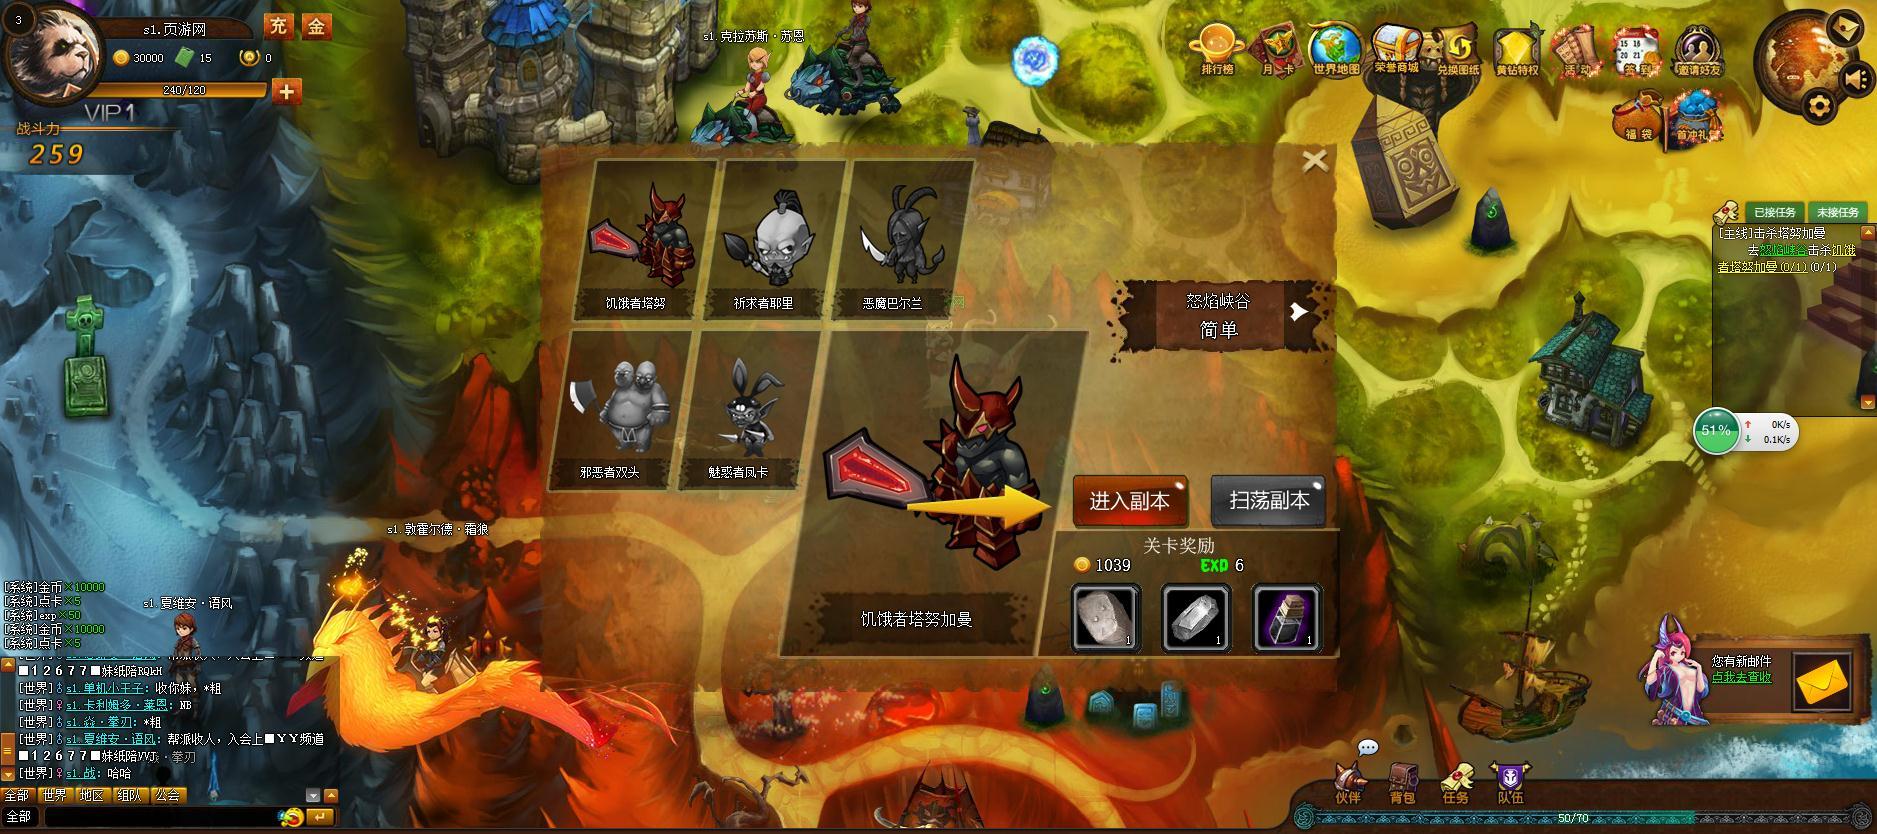 魔兽题材类游戏《风剑传奇》精彩截图